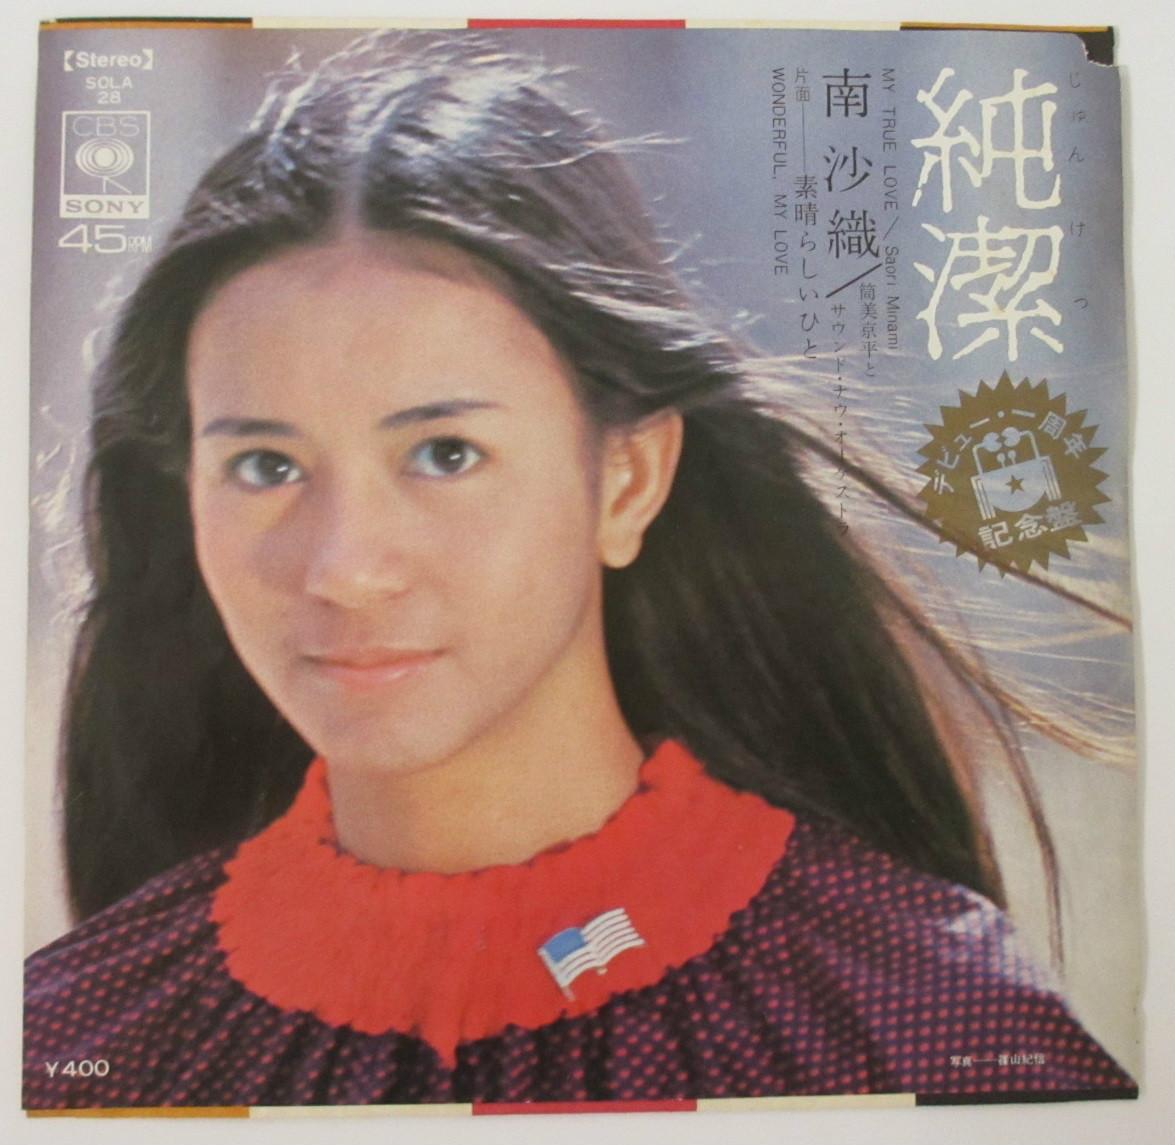 中古レコード オンライン限定商品 純潔 シングル 南沙織 OUTLET SALE